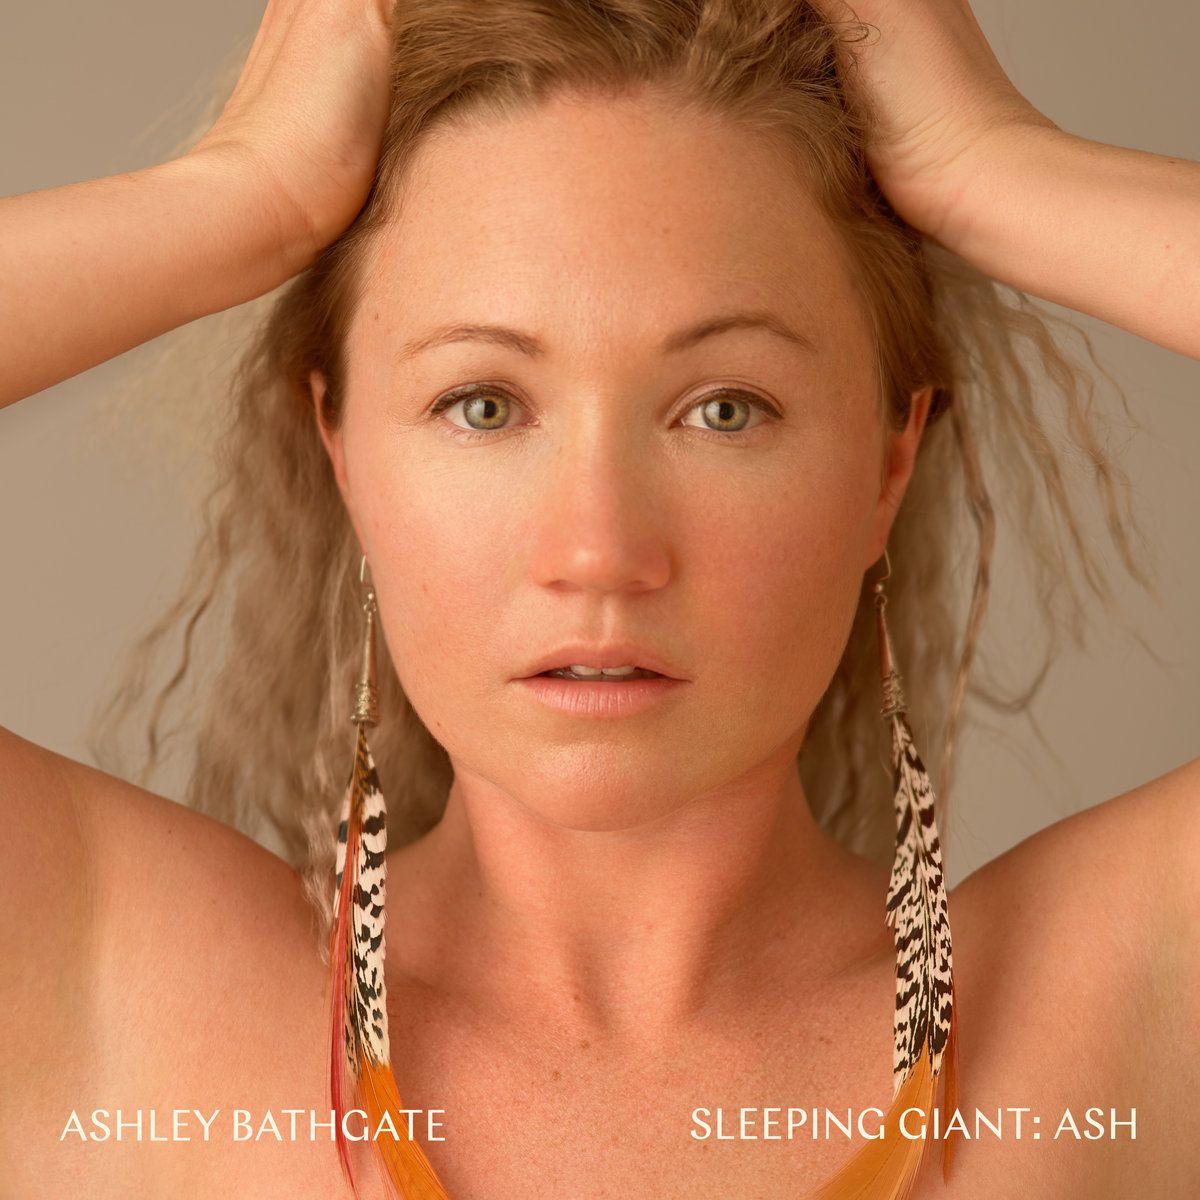 Ashley Bathgate: ASH